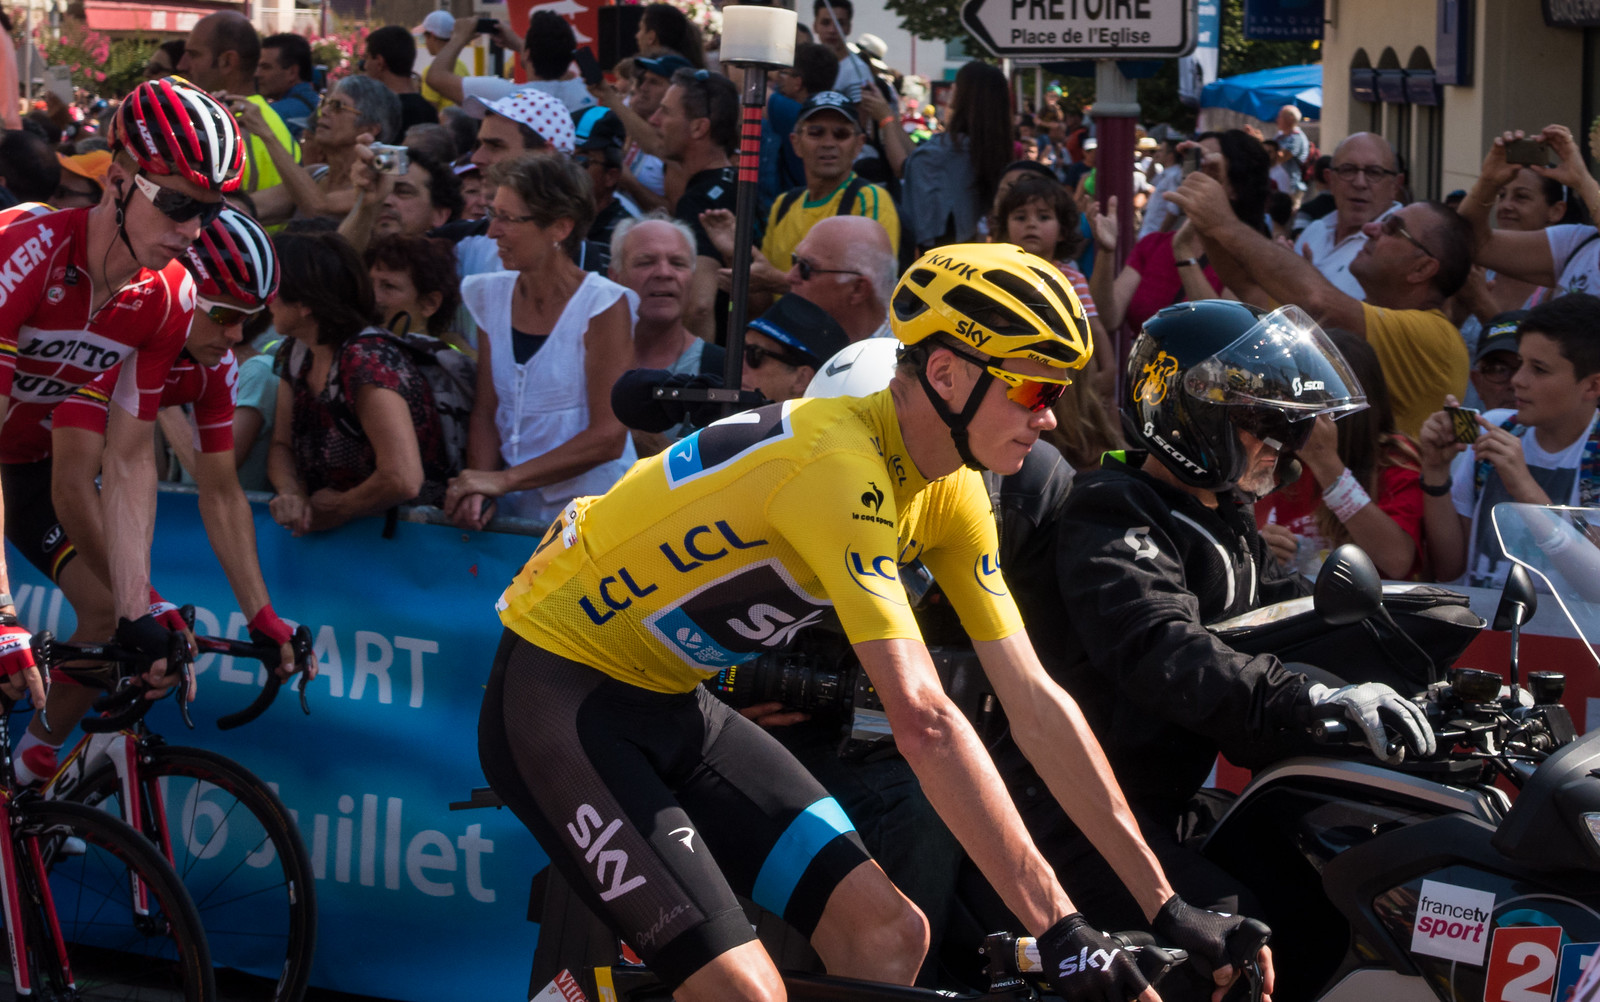 Tour de France 2015 - Stage 12-11